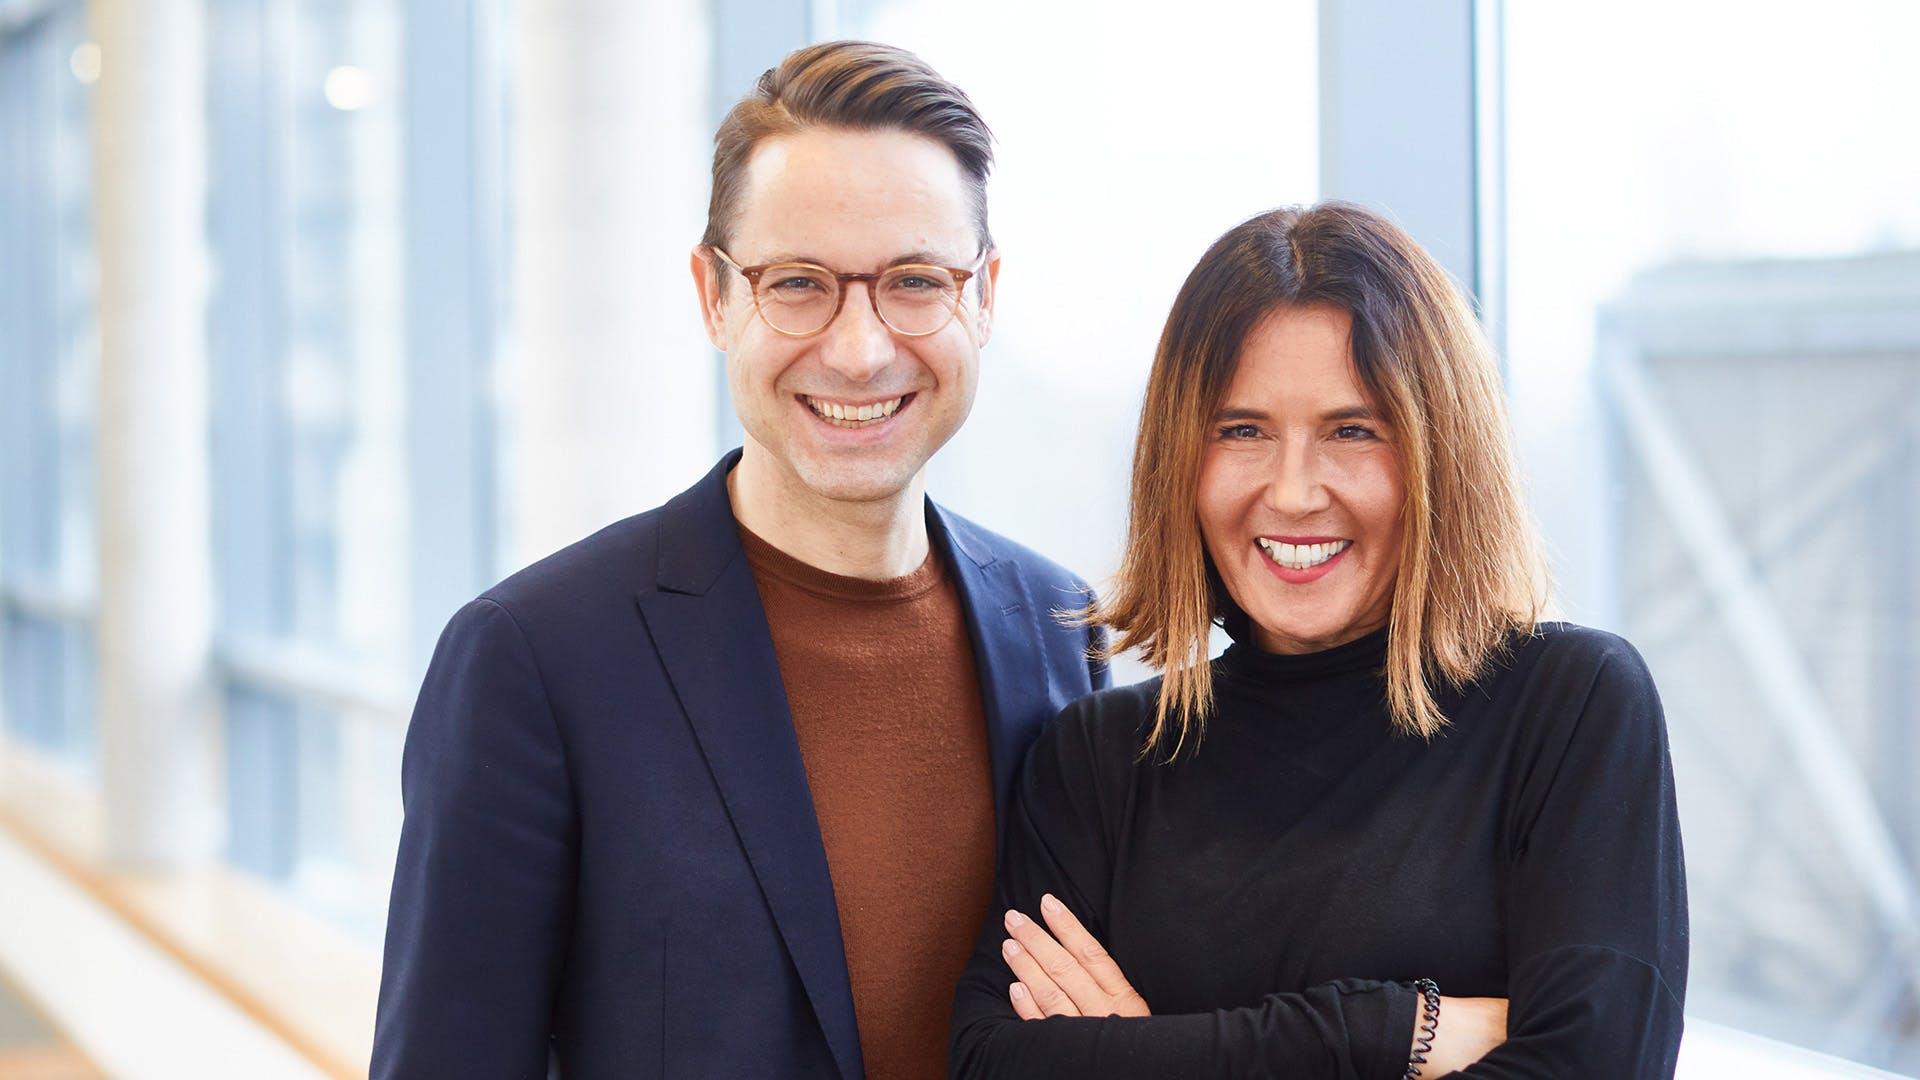 Christian Blenker und Alexandra Wolfslast sind die neue Spitze zusammen mit Thomas Schreiber für den ESC beim NDR